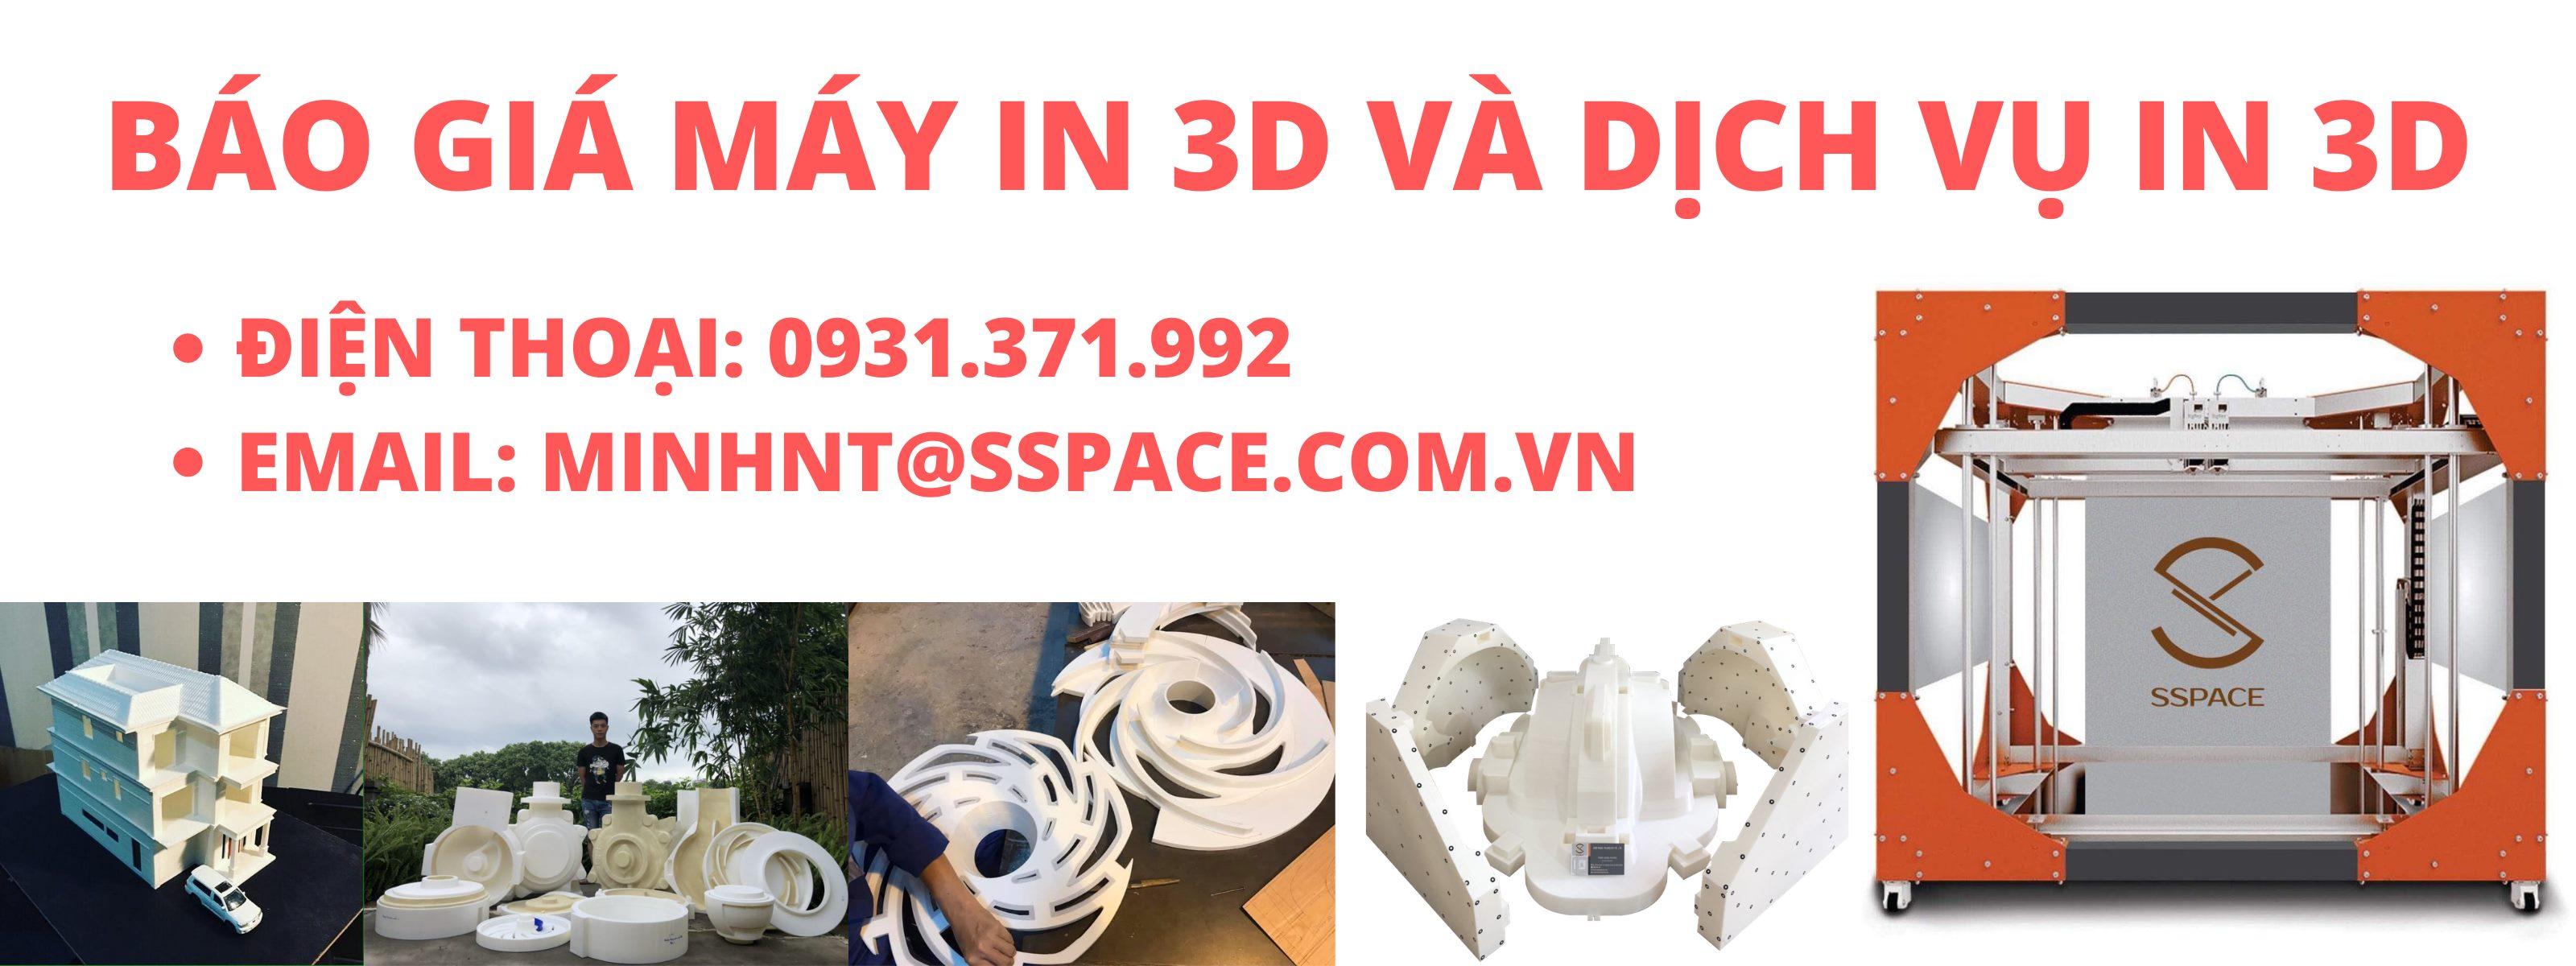 In 3d ở tphcm, ở tp thủ đức ... và các tỉnh lân cận. Giao hàng tận nơi và miễn phí giao hàng cho những đơn hàng lớn, hỗ trợ khách hàng khởi nghiệp, sinh viên các gói in 3d giá rẻ tại tphcm và các tỉnh lân cận. Nhựa in 3D PLA, ABS, nhựa dẻo TPU, cung cấp máy in 3d khổ lớn, máy in 3d mini và nhựa in 3d giá rẻ cho khách hàng có nhu cầu.